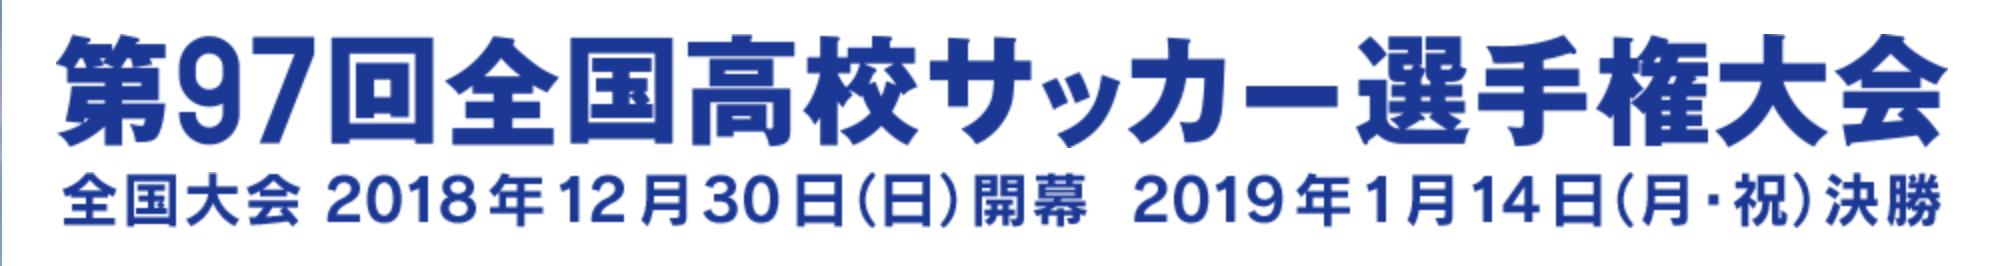 駒澤大学高校サッカー部